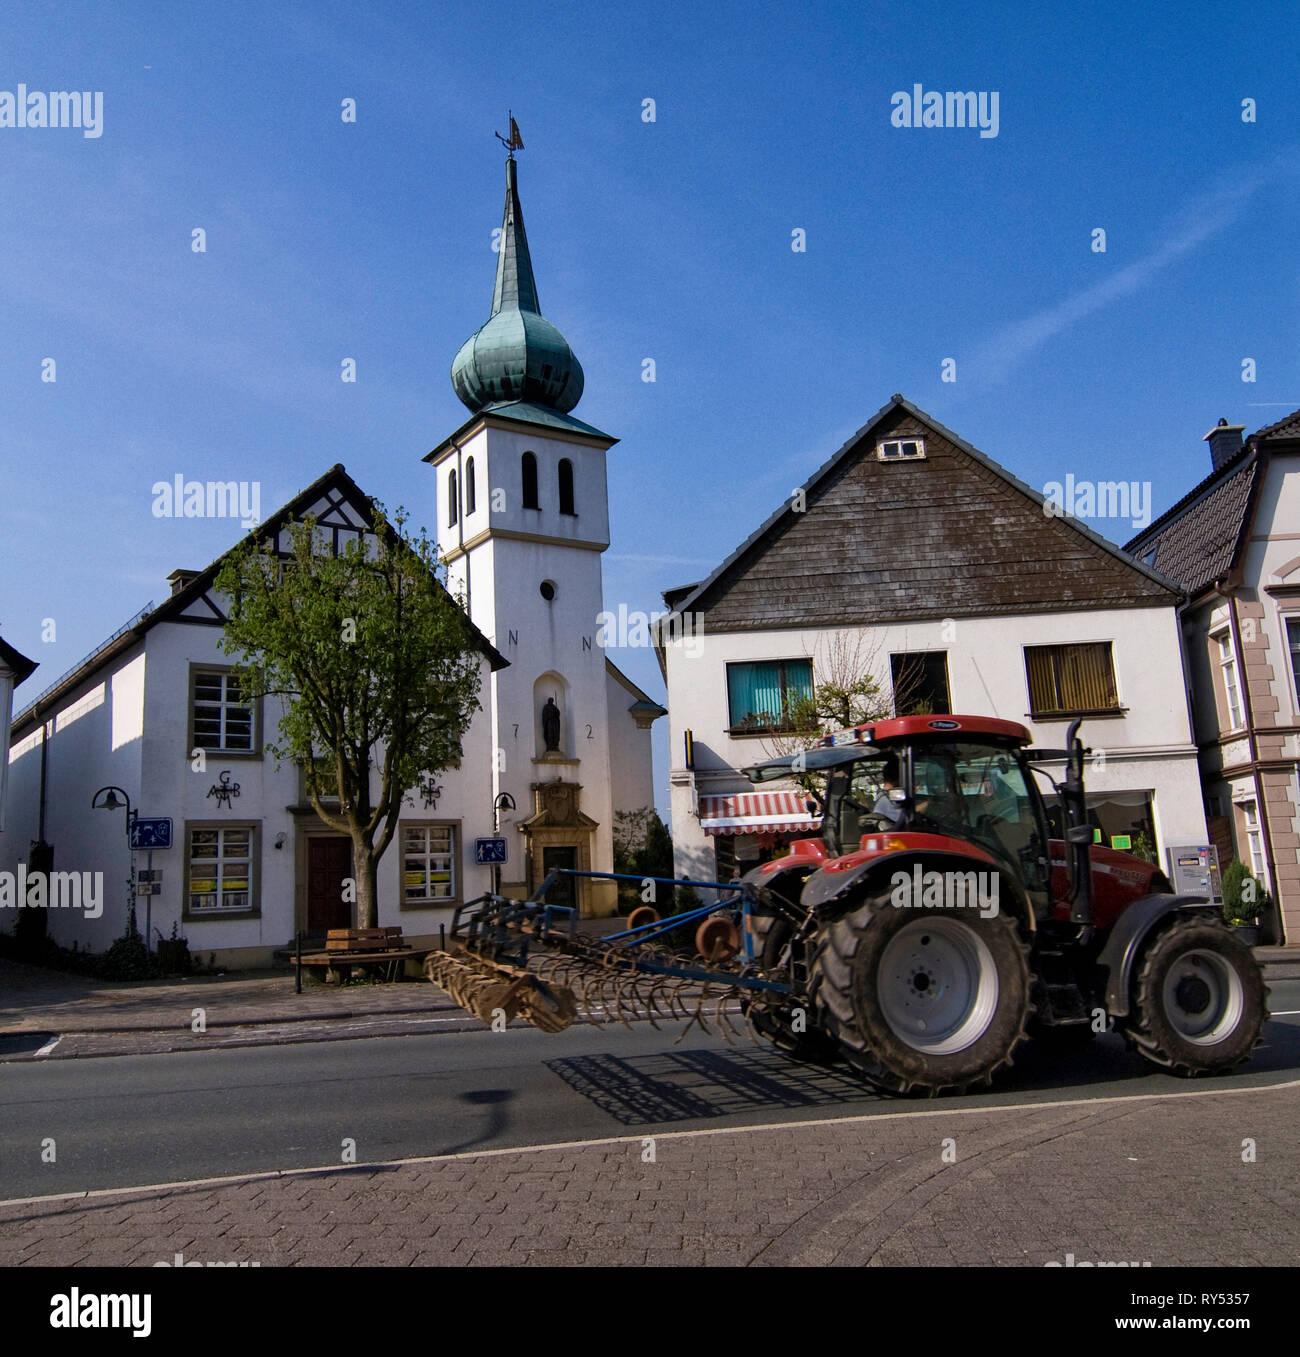 Stadtbild von Breckerfel in Nordrhein Westfalen mit Kirche, Wohnhaus und Traktor im Vordergrund - Stock Image